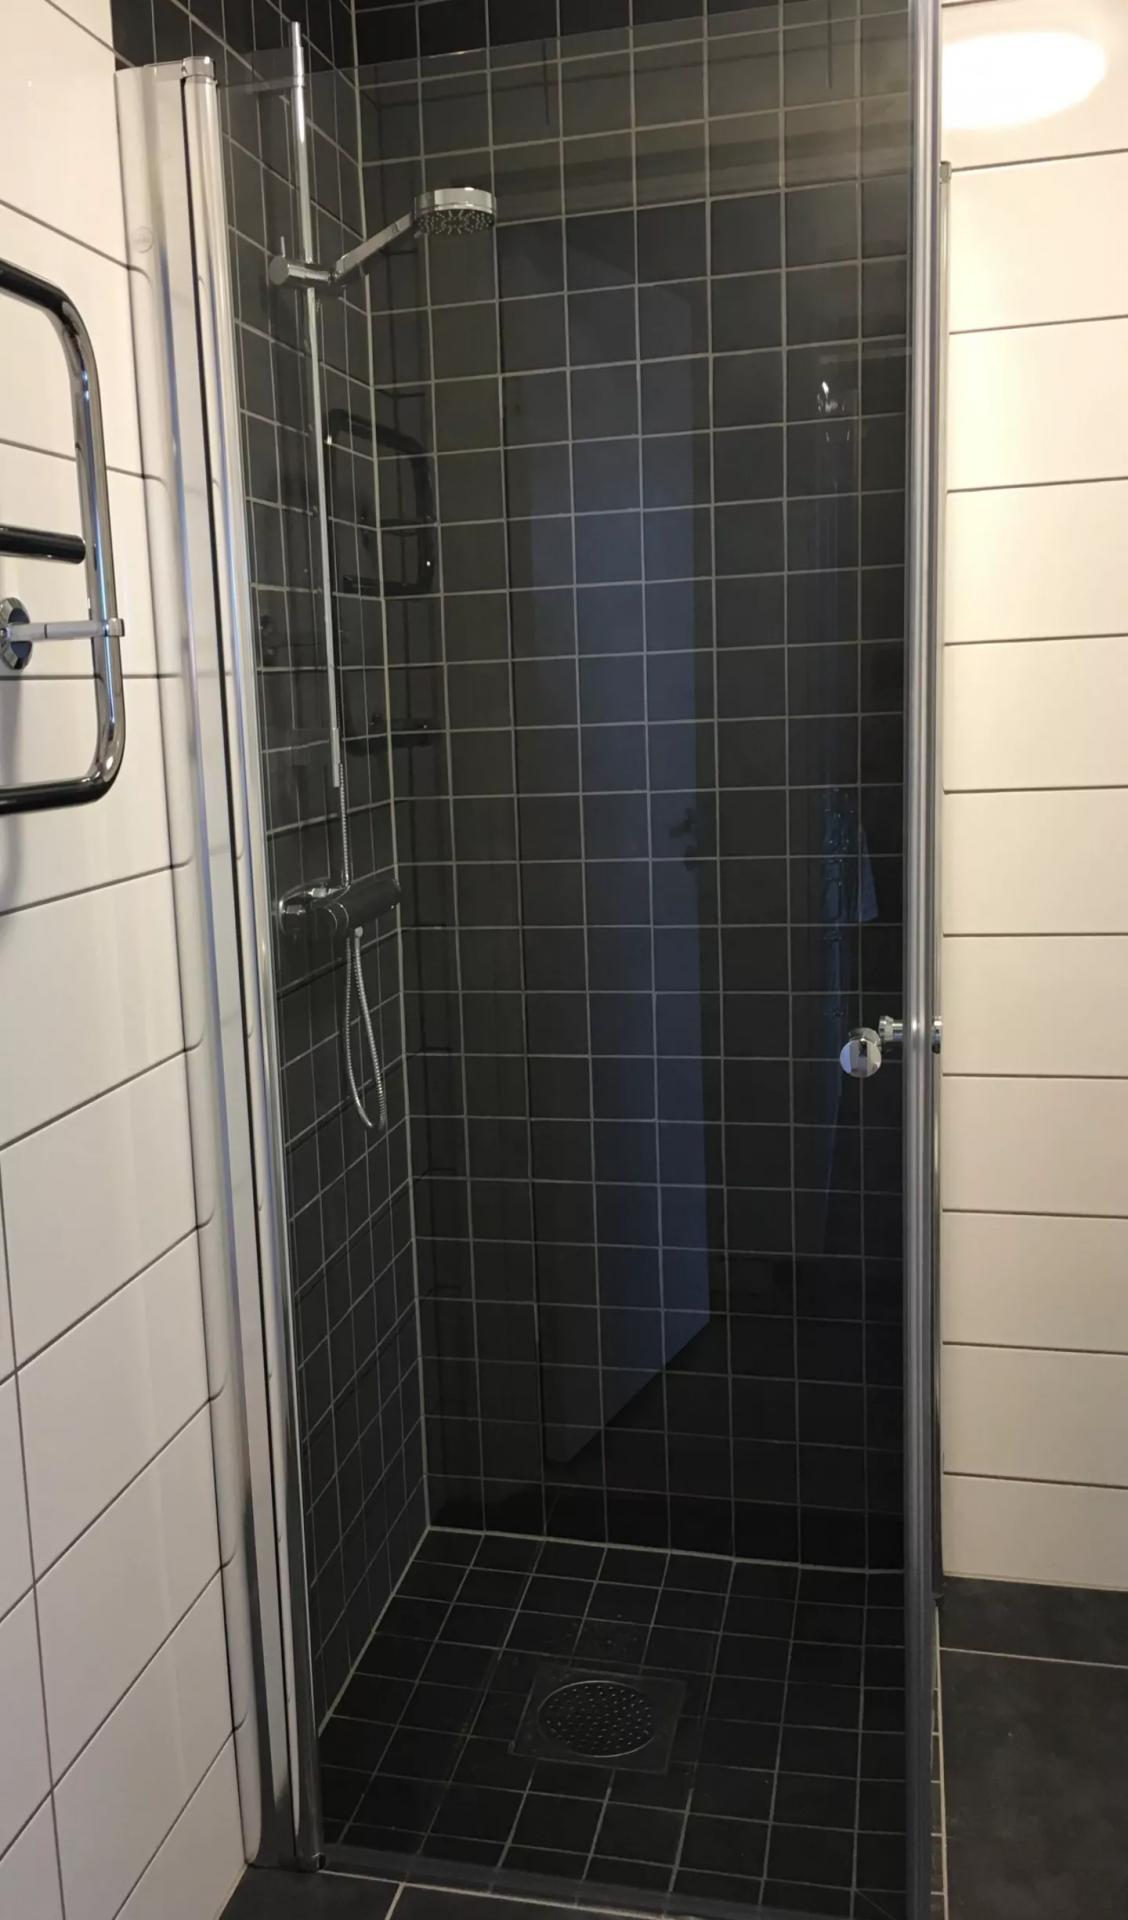 Shower at Skvadronsgatan Malmö Apartments, Rönneholm, Malmö